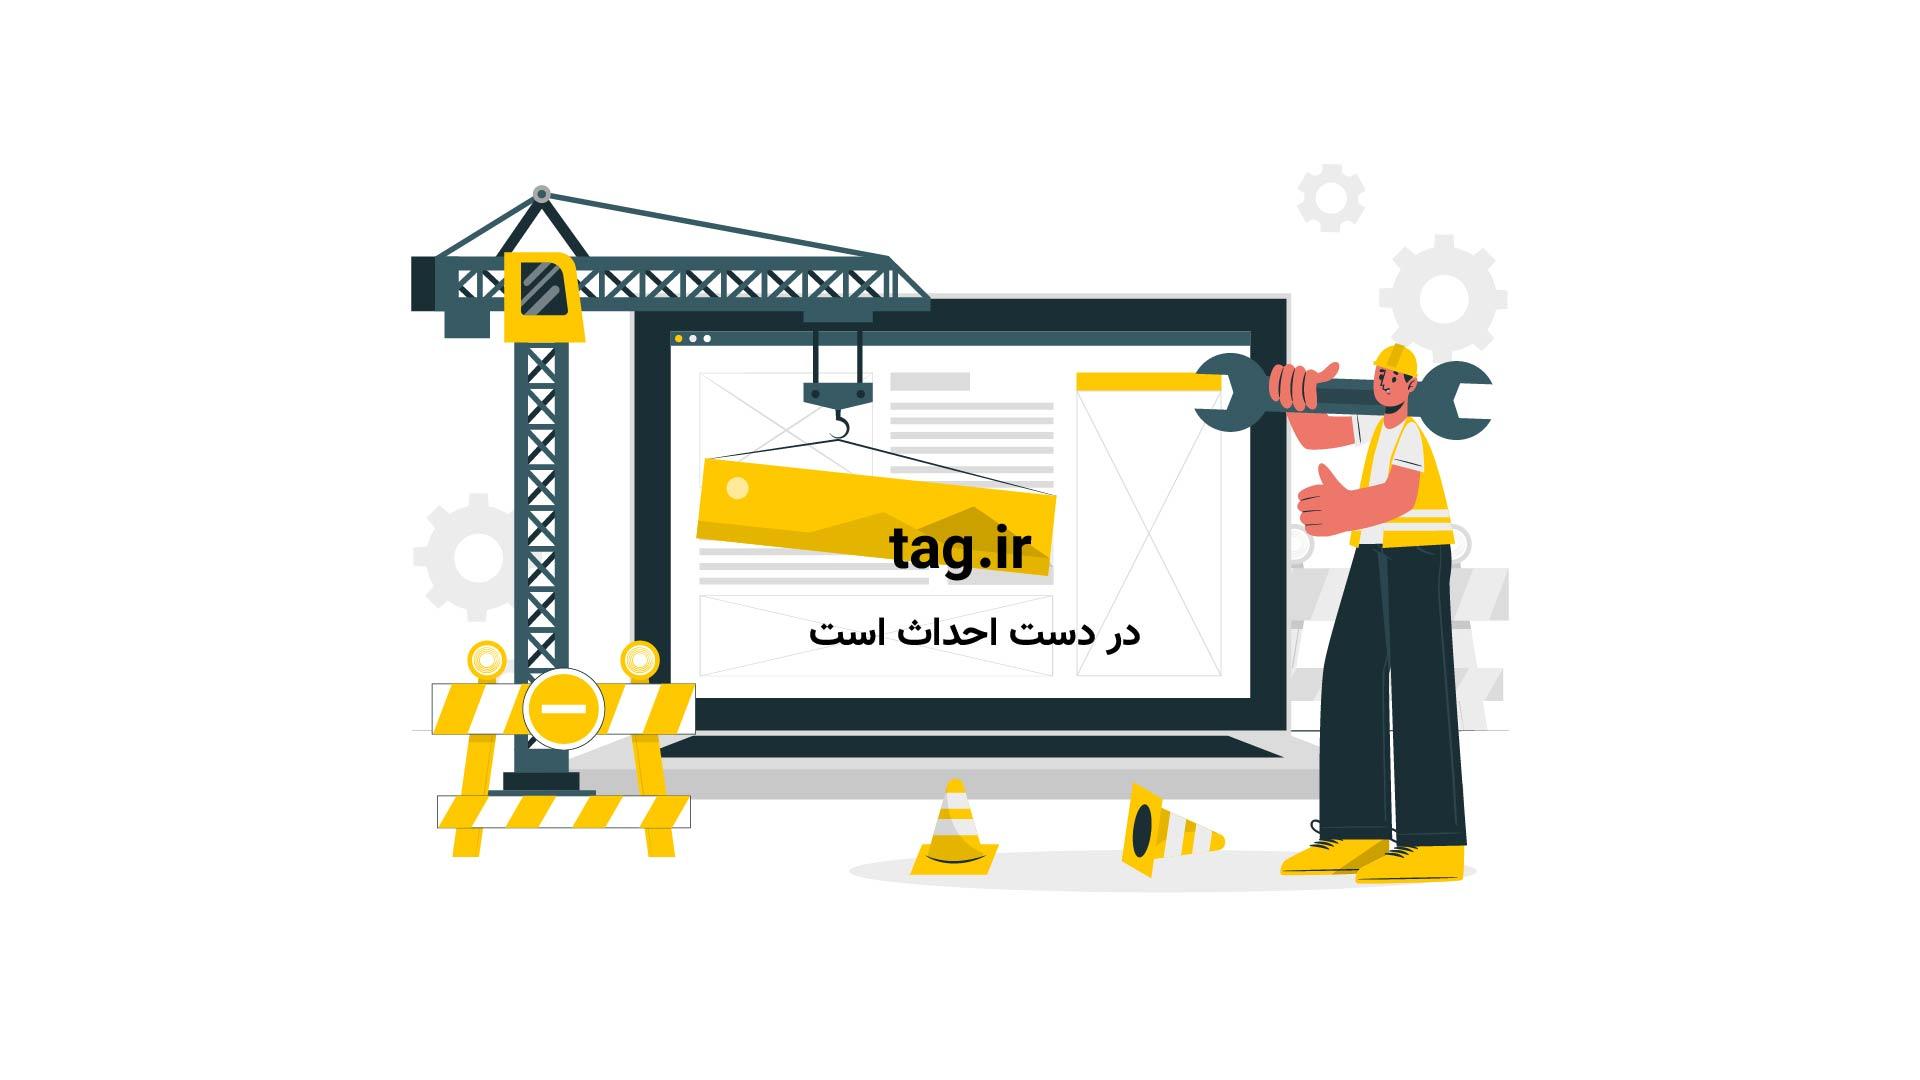 روستای تاریخی و کهن ابیانه در استان کاشان | فیلم